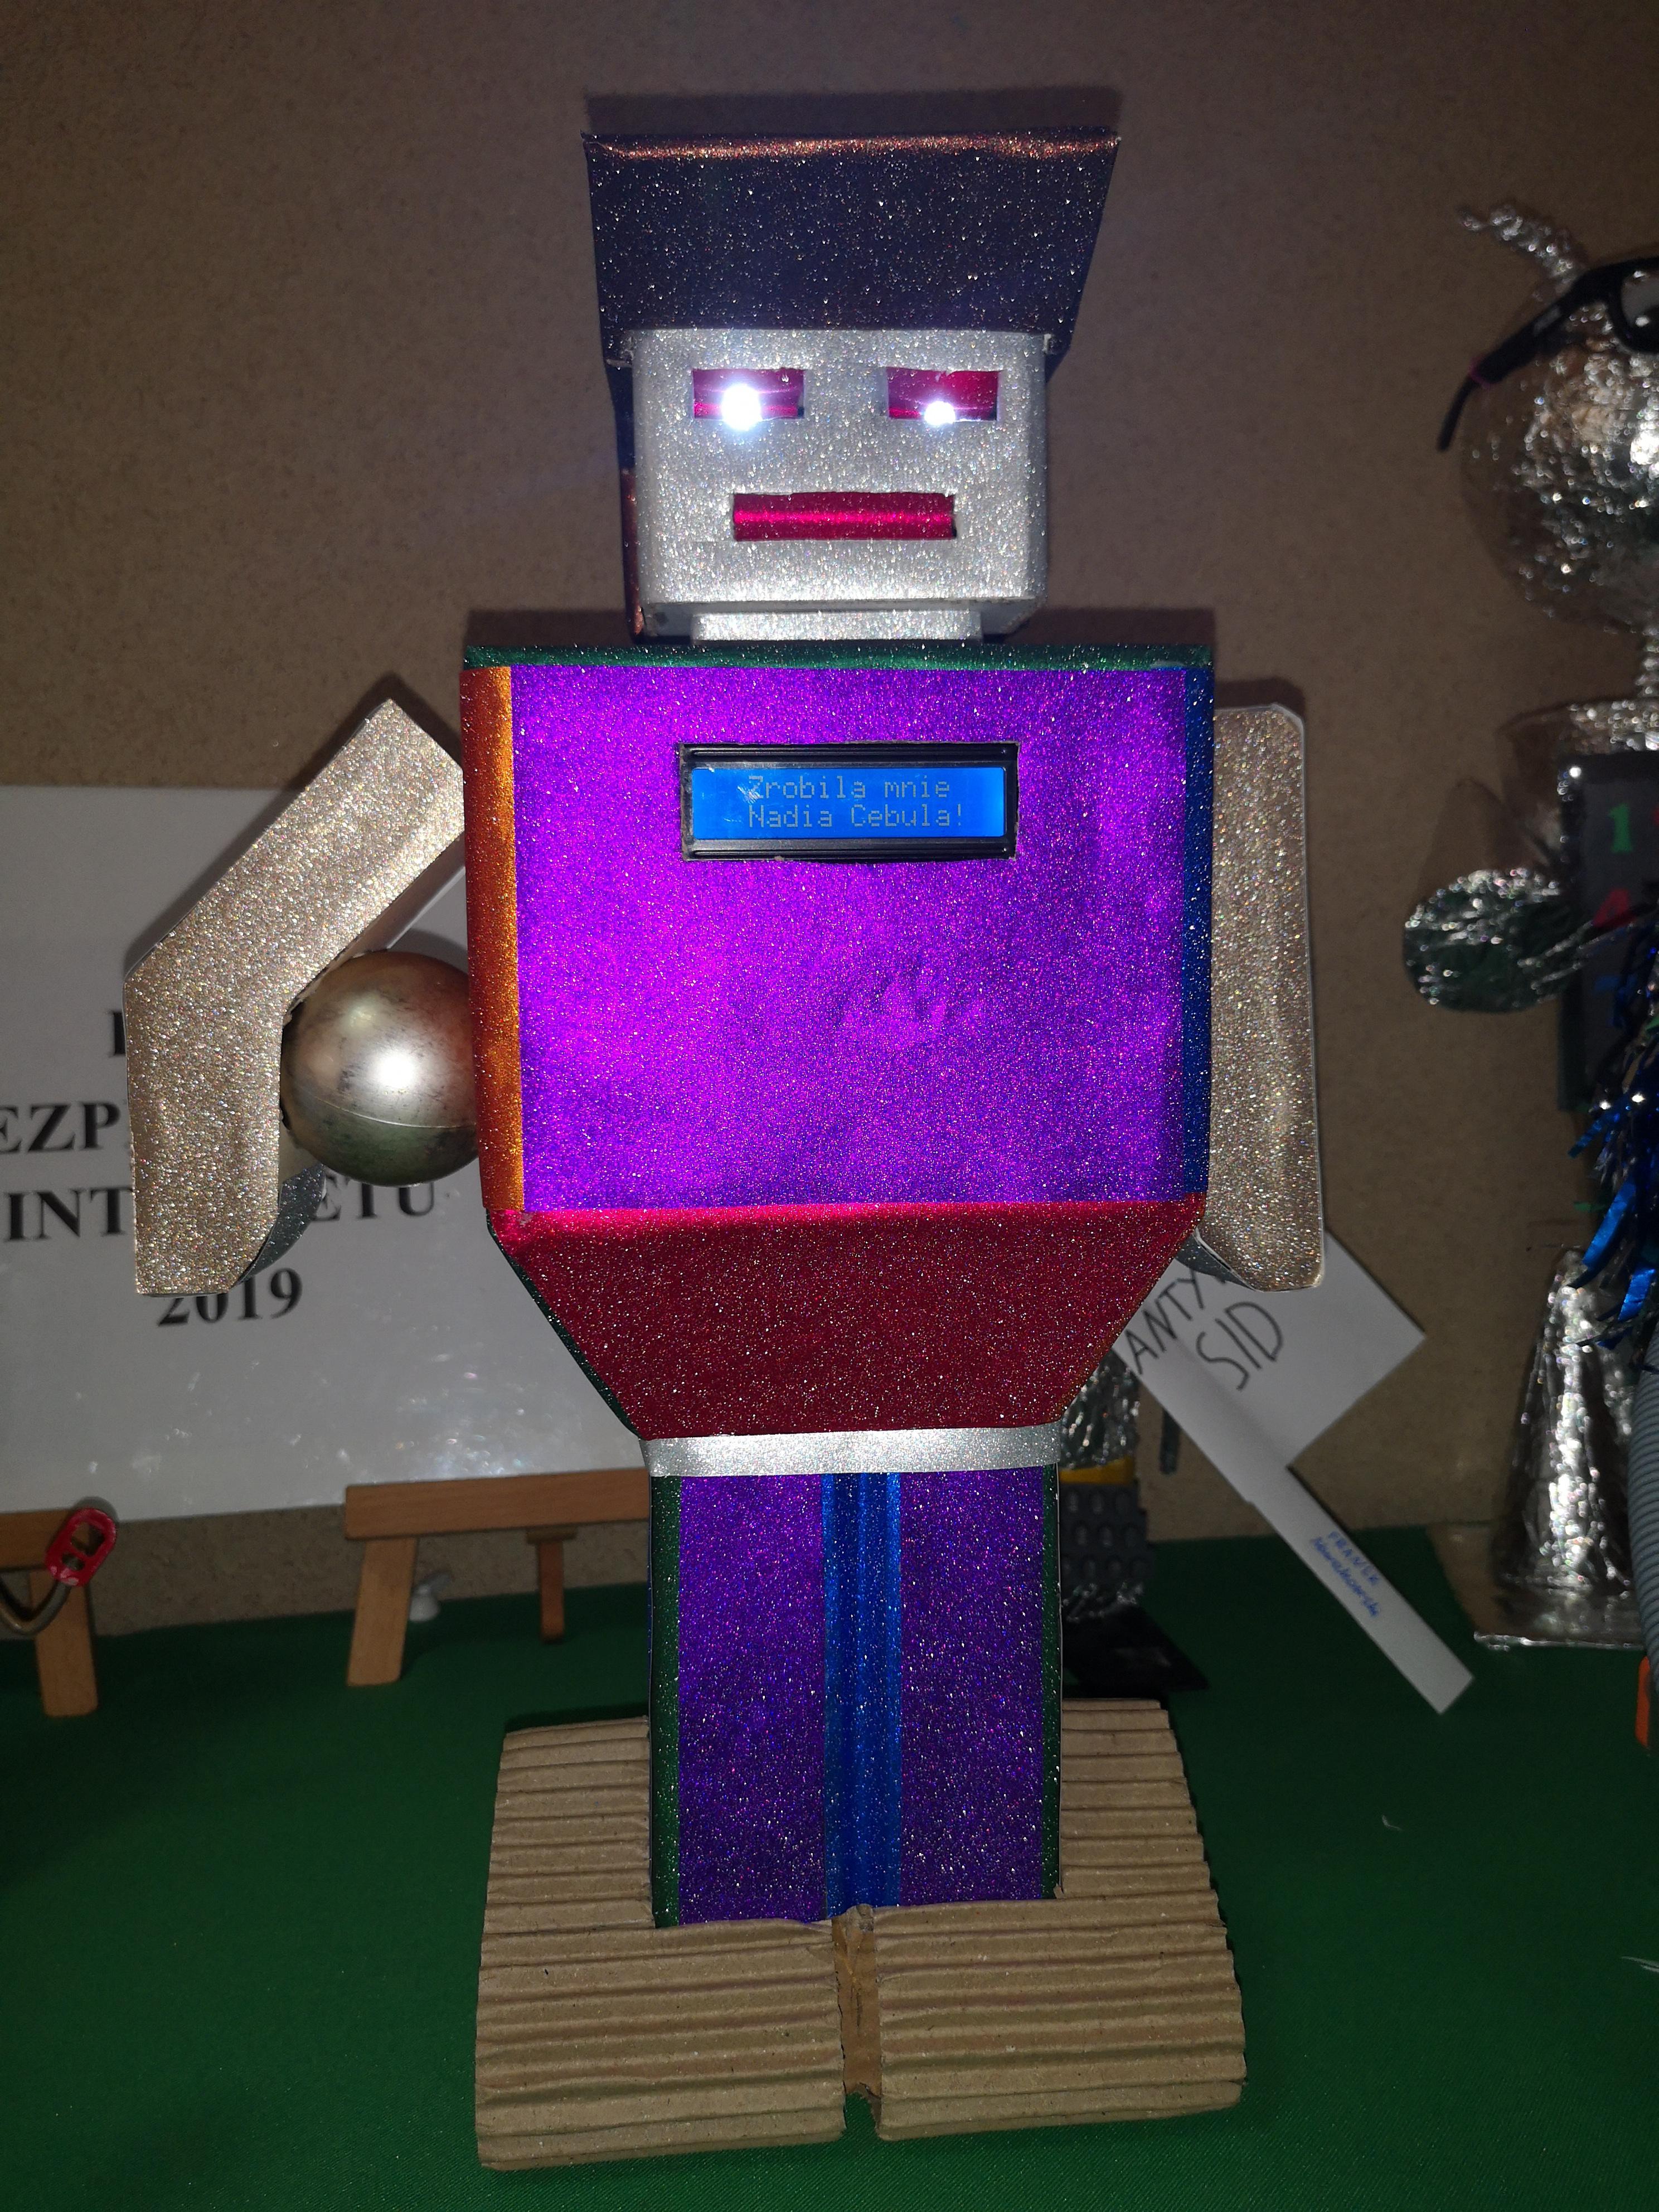 konkurs CyberRobot XXI w.